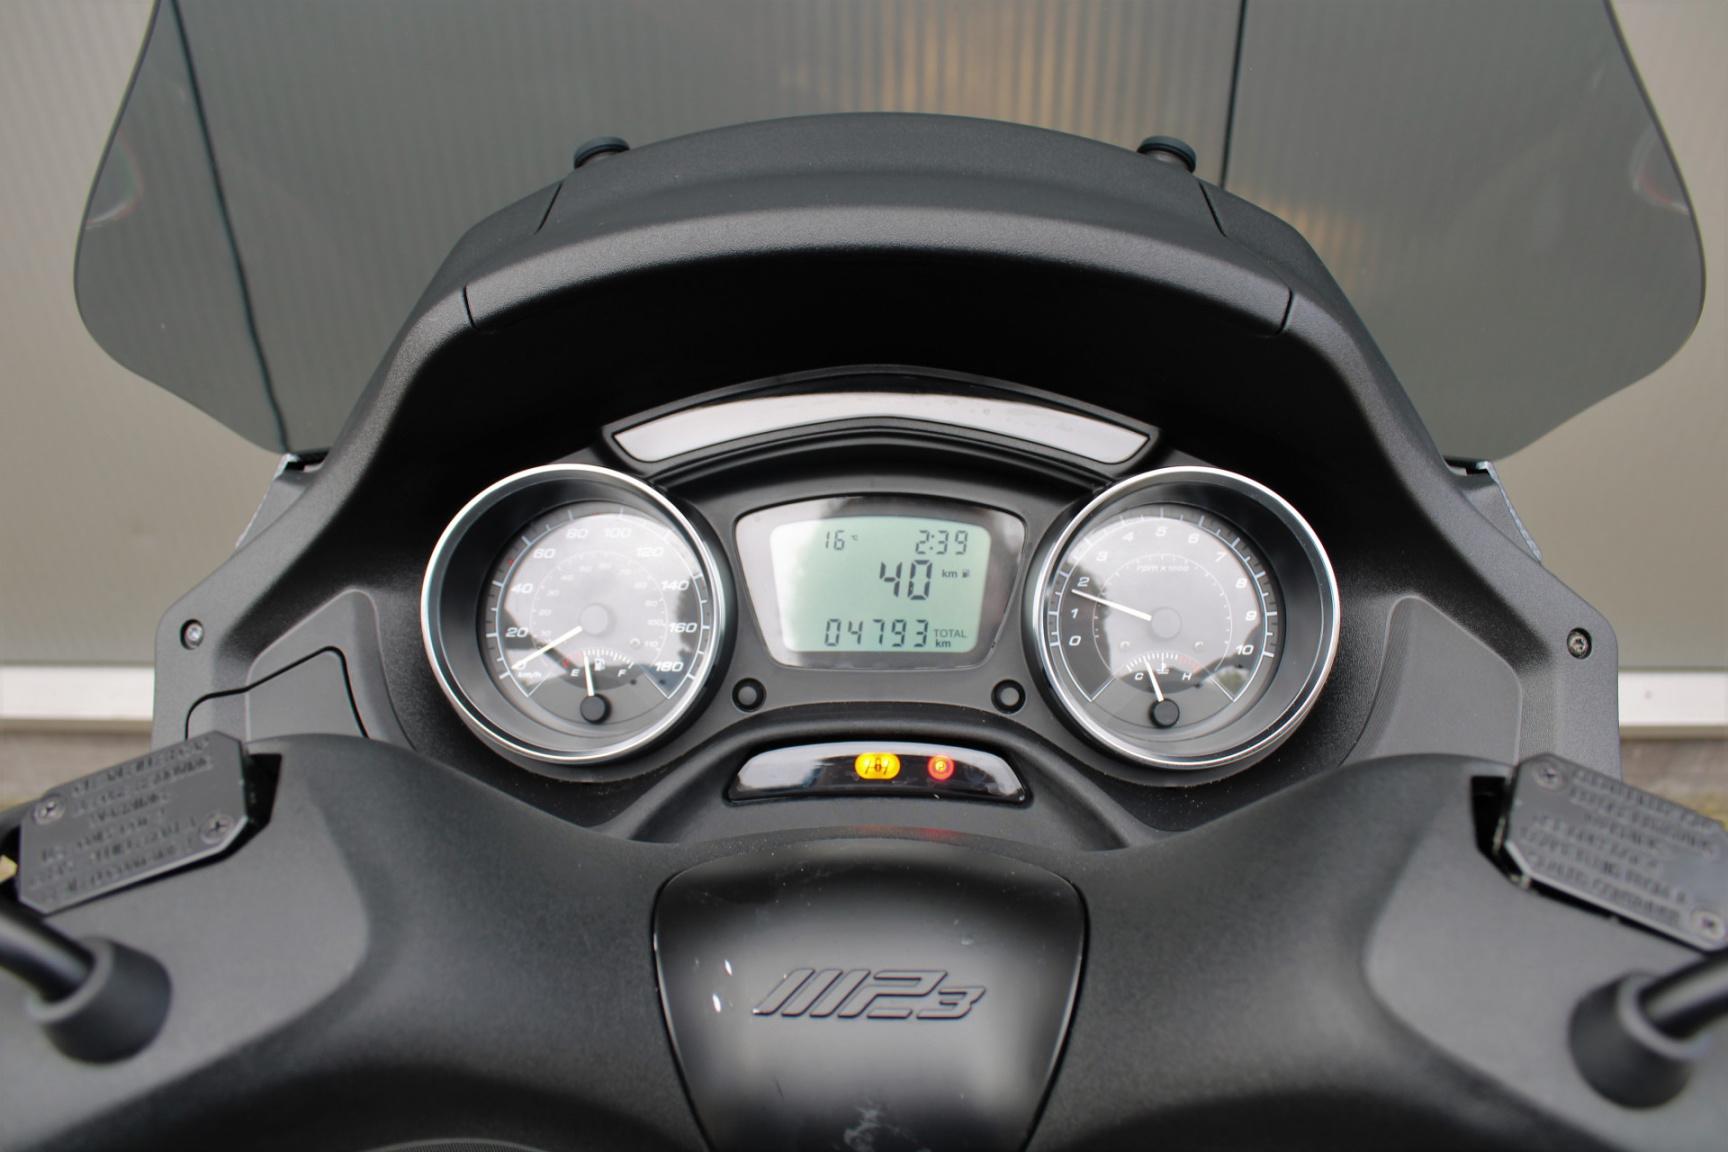 Piaggio-500 MP3 HPE Sport 4678KM Bouwjaar 2020-15